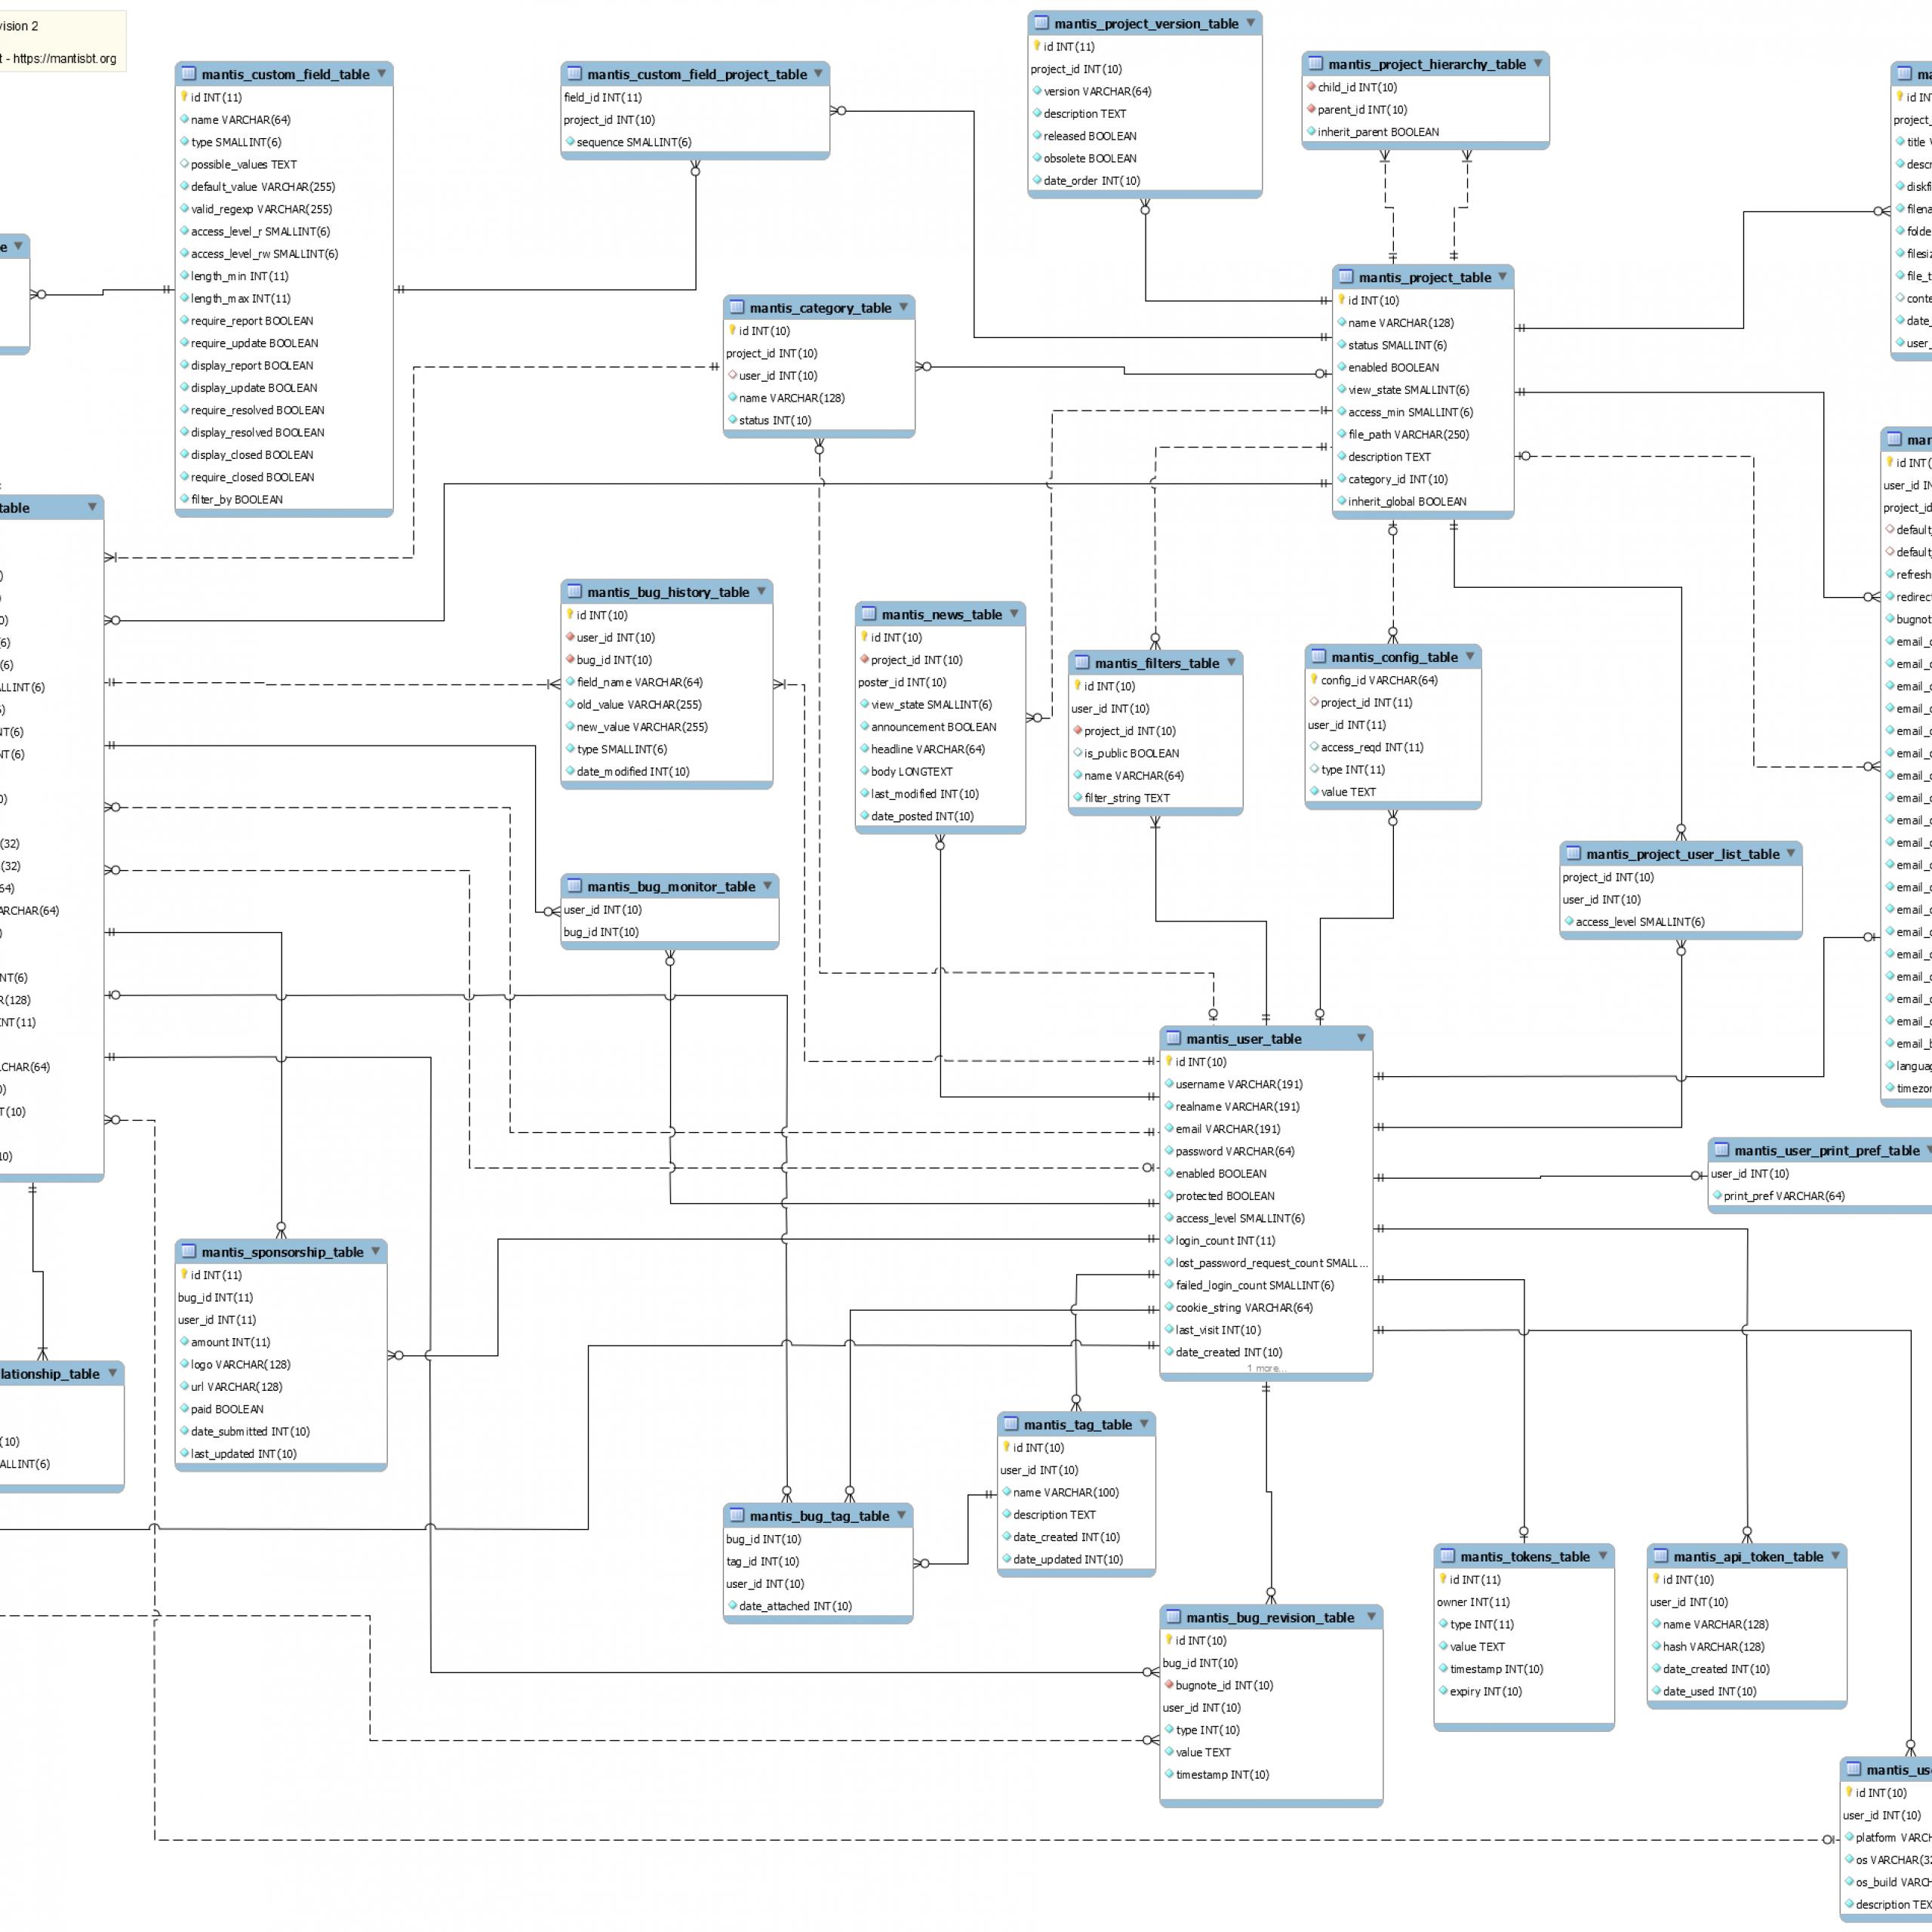 Chapter 2. Database Schema Management with regard to Erd Schema